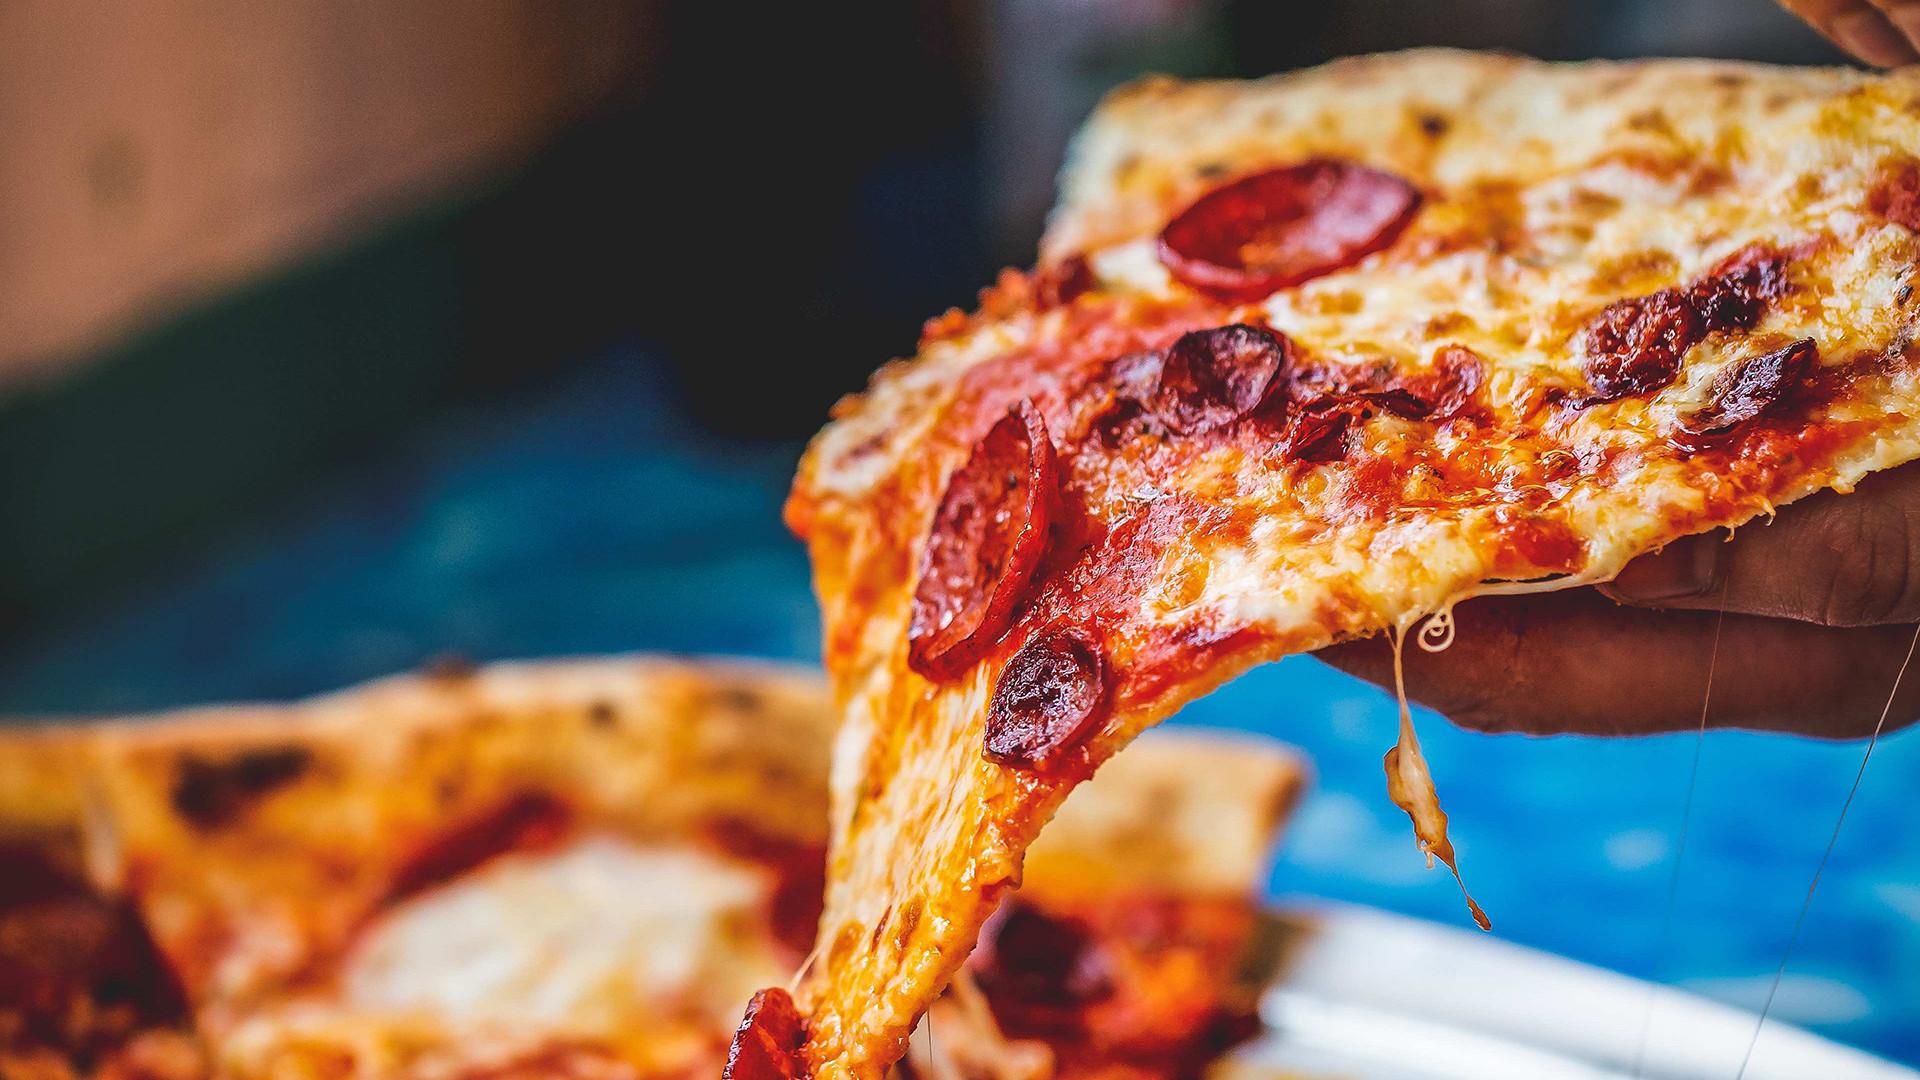 Yard Sale Pizza